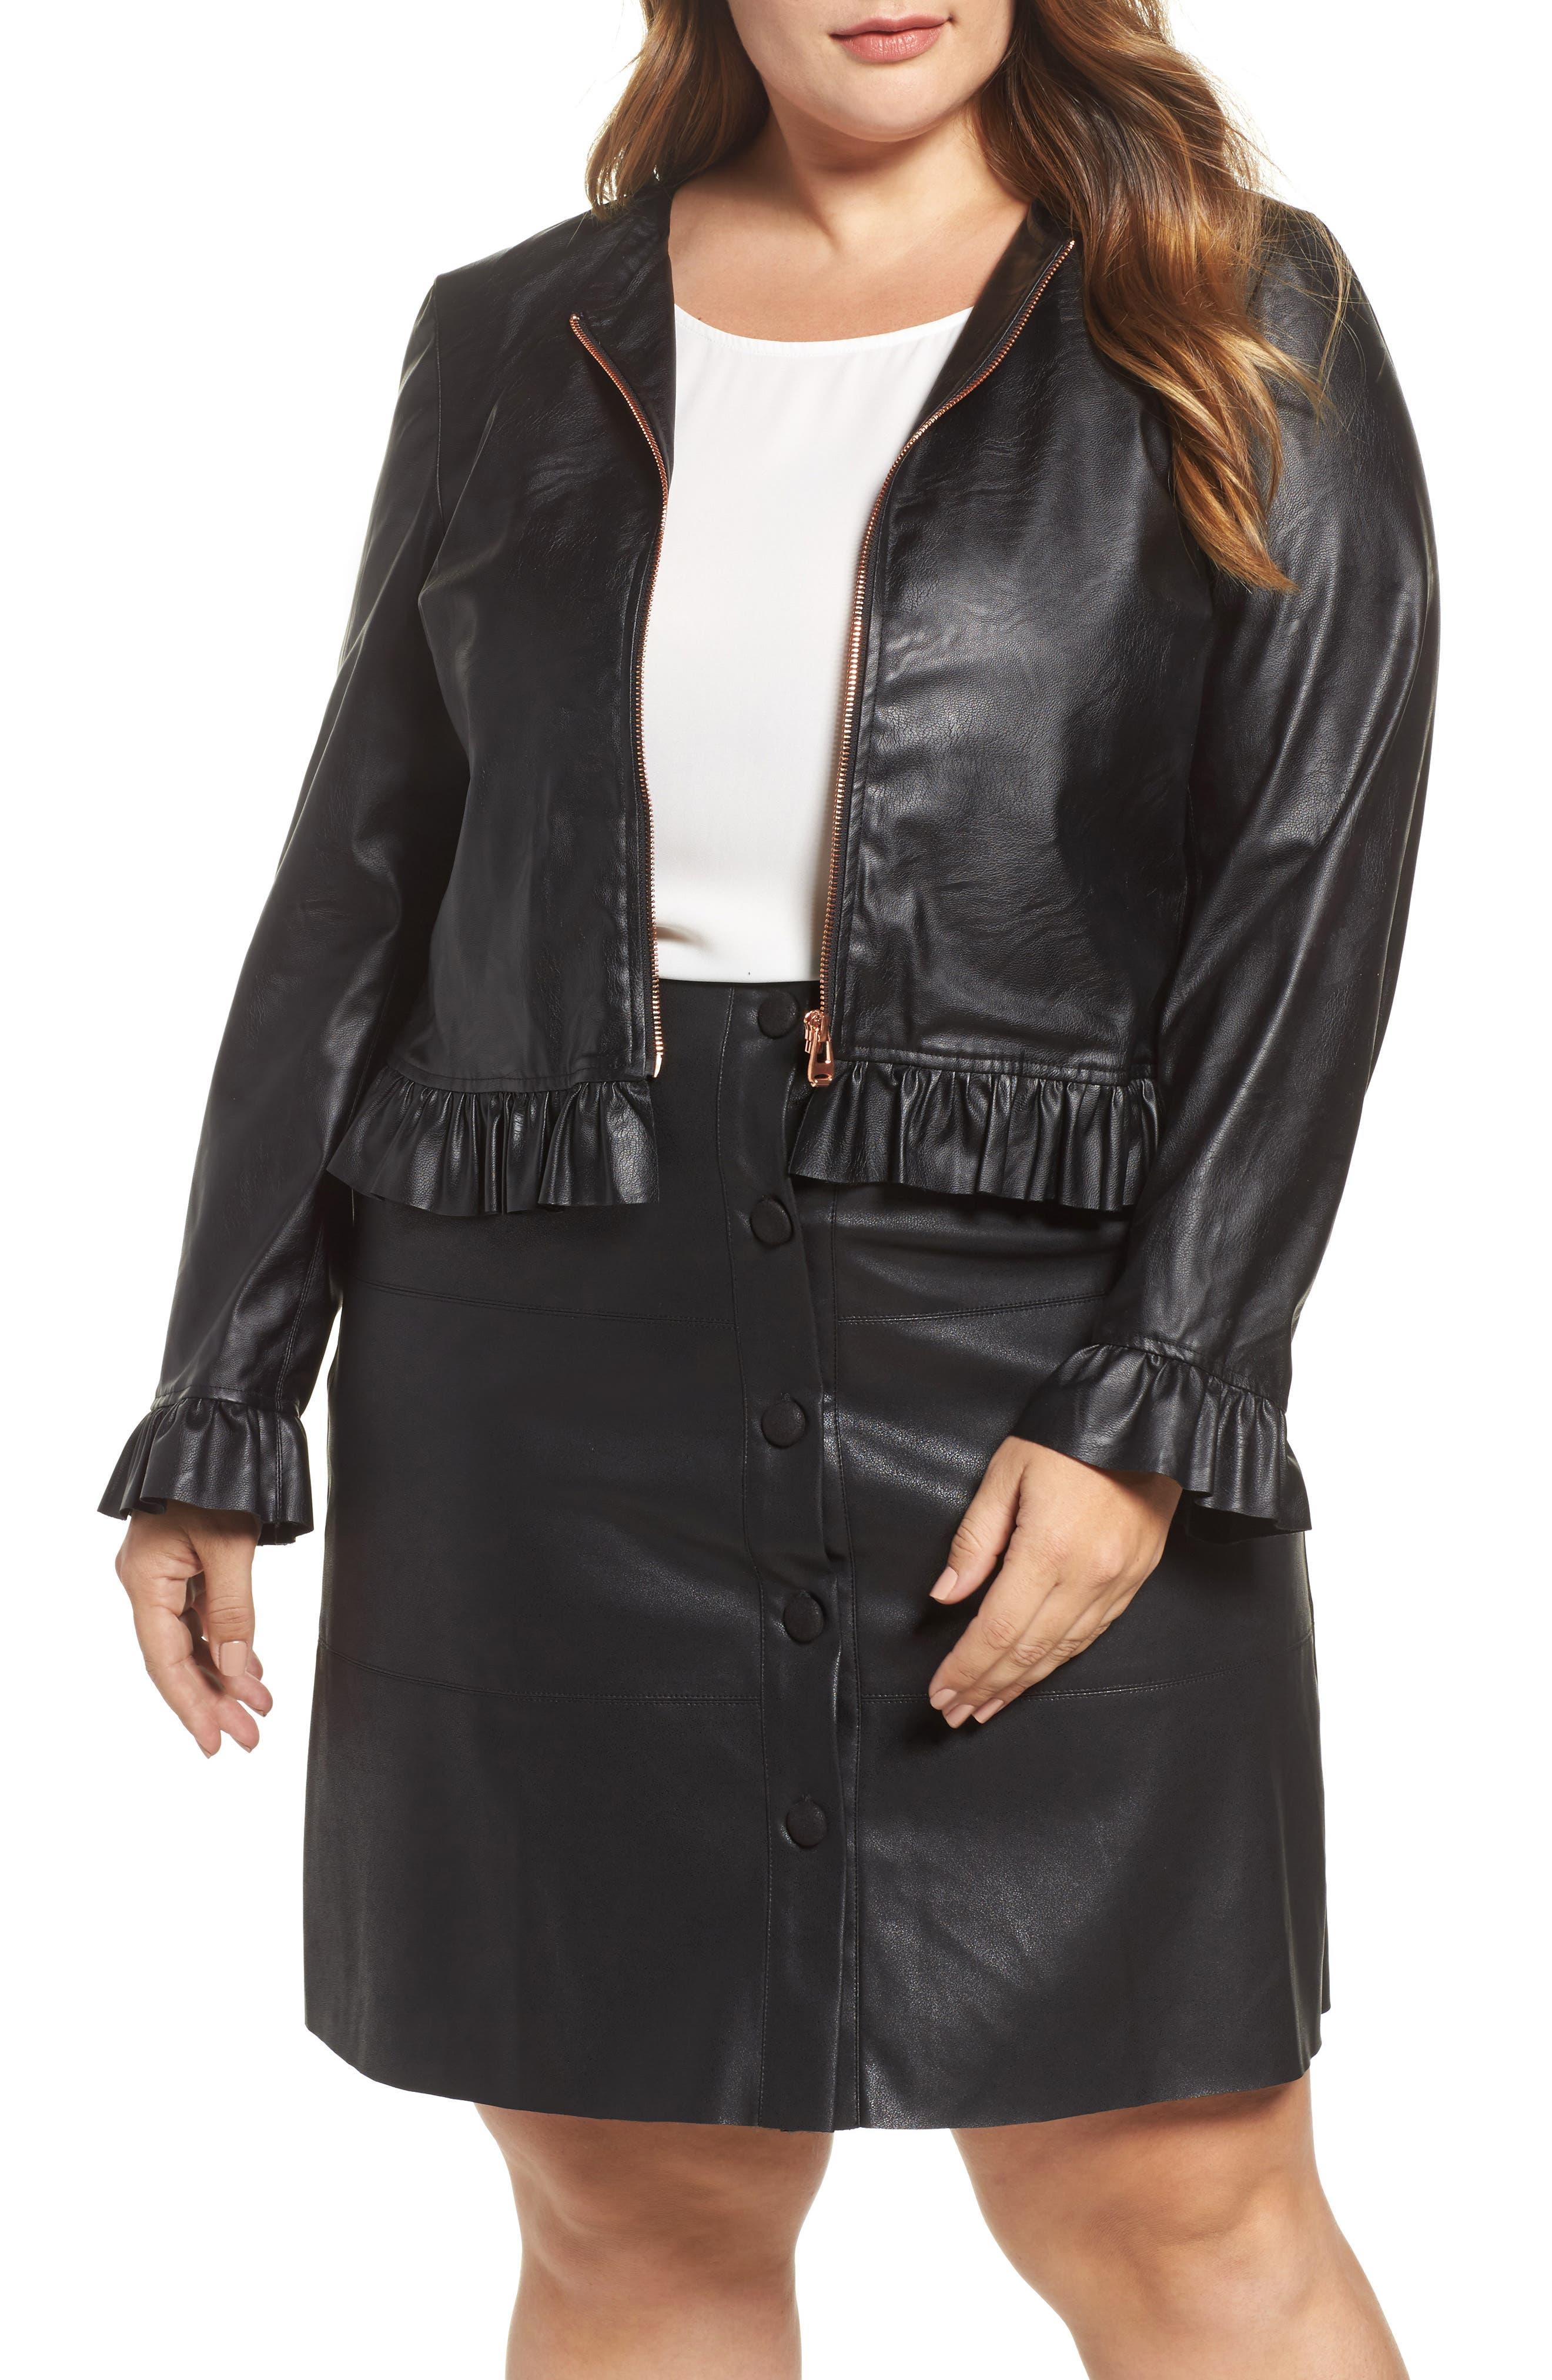 Main Image - ELVI Faux Leather Frill Jacket (Plus Size)